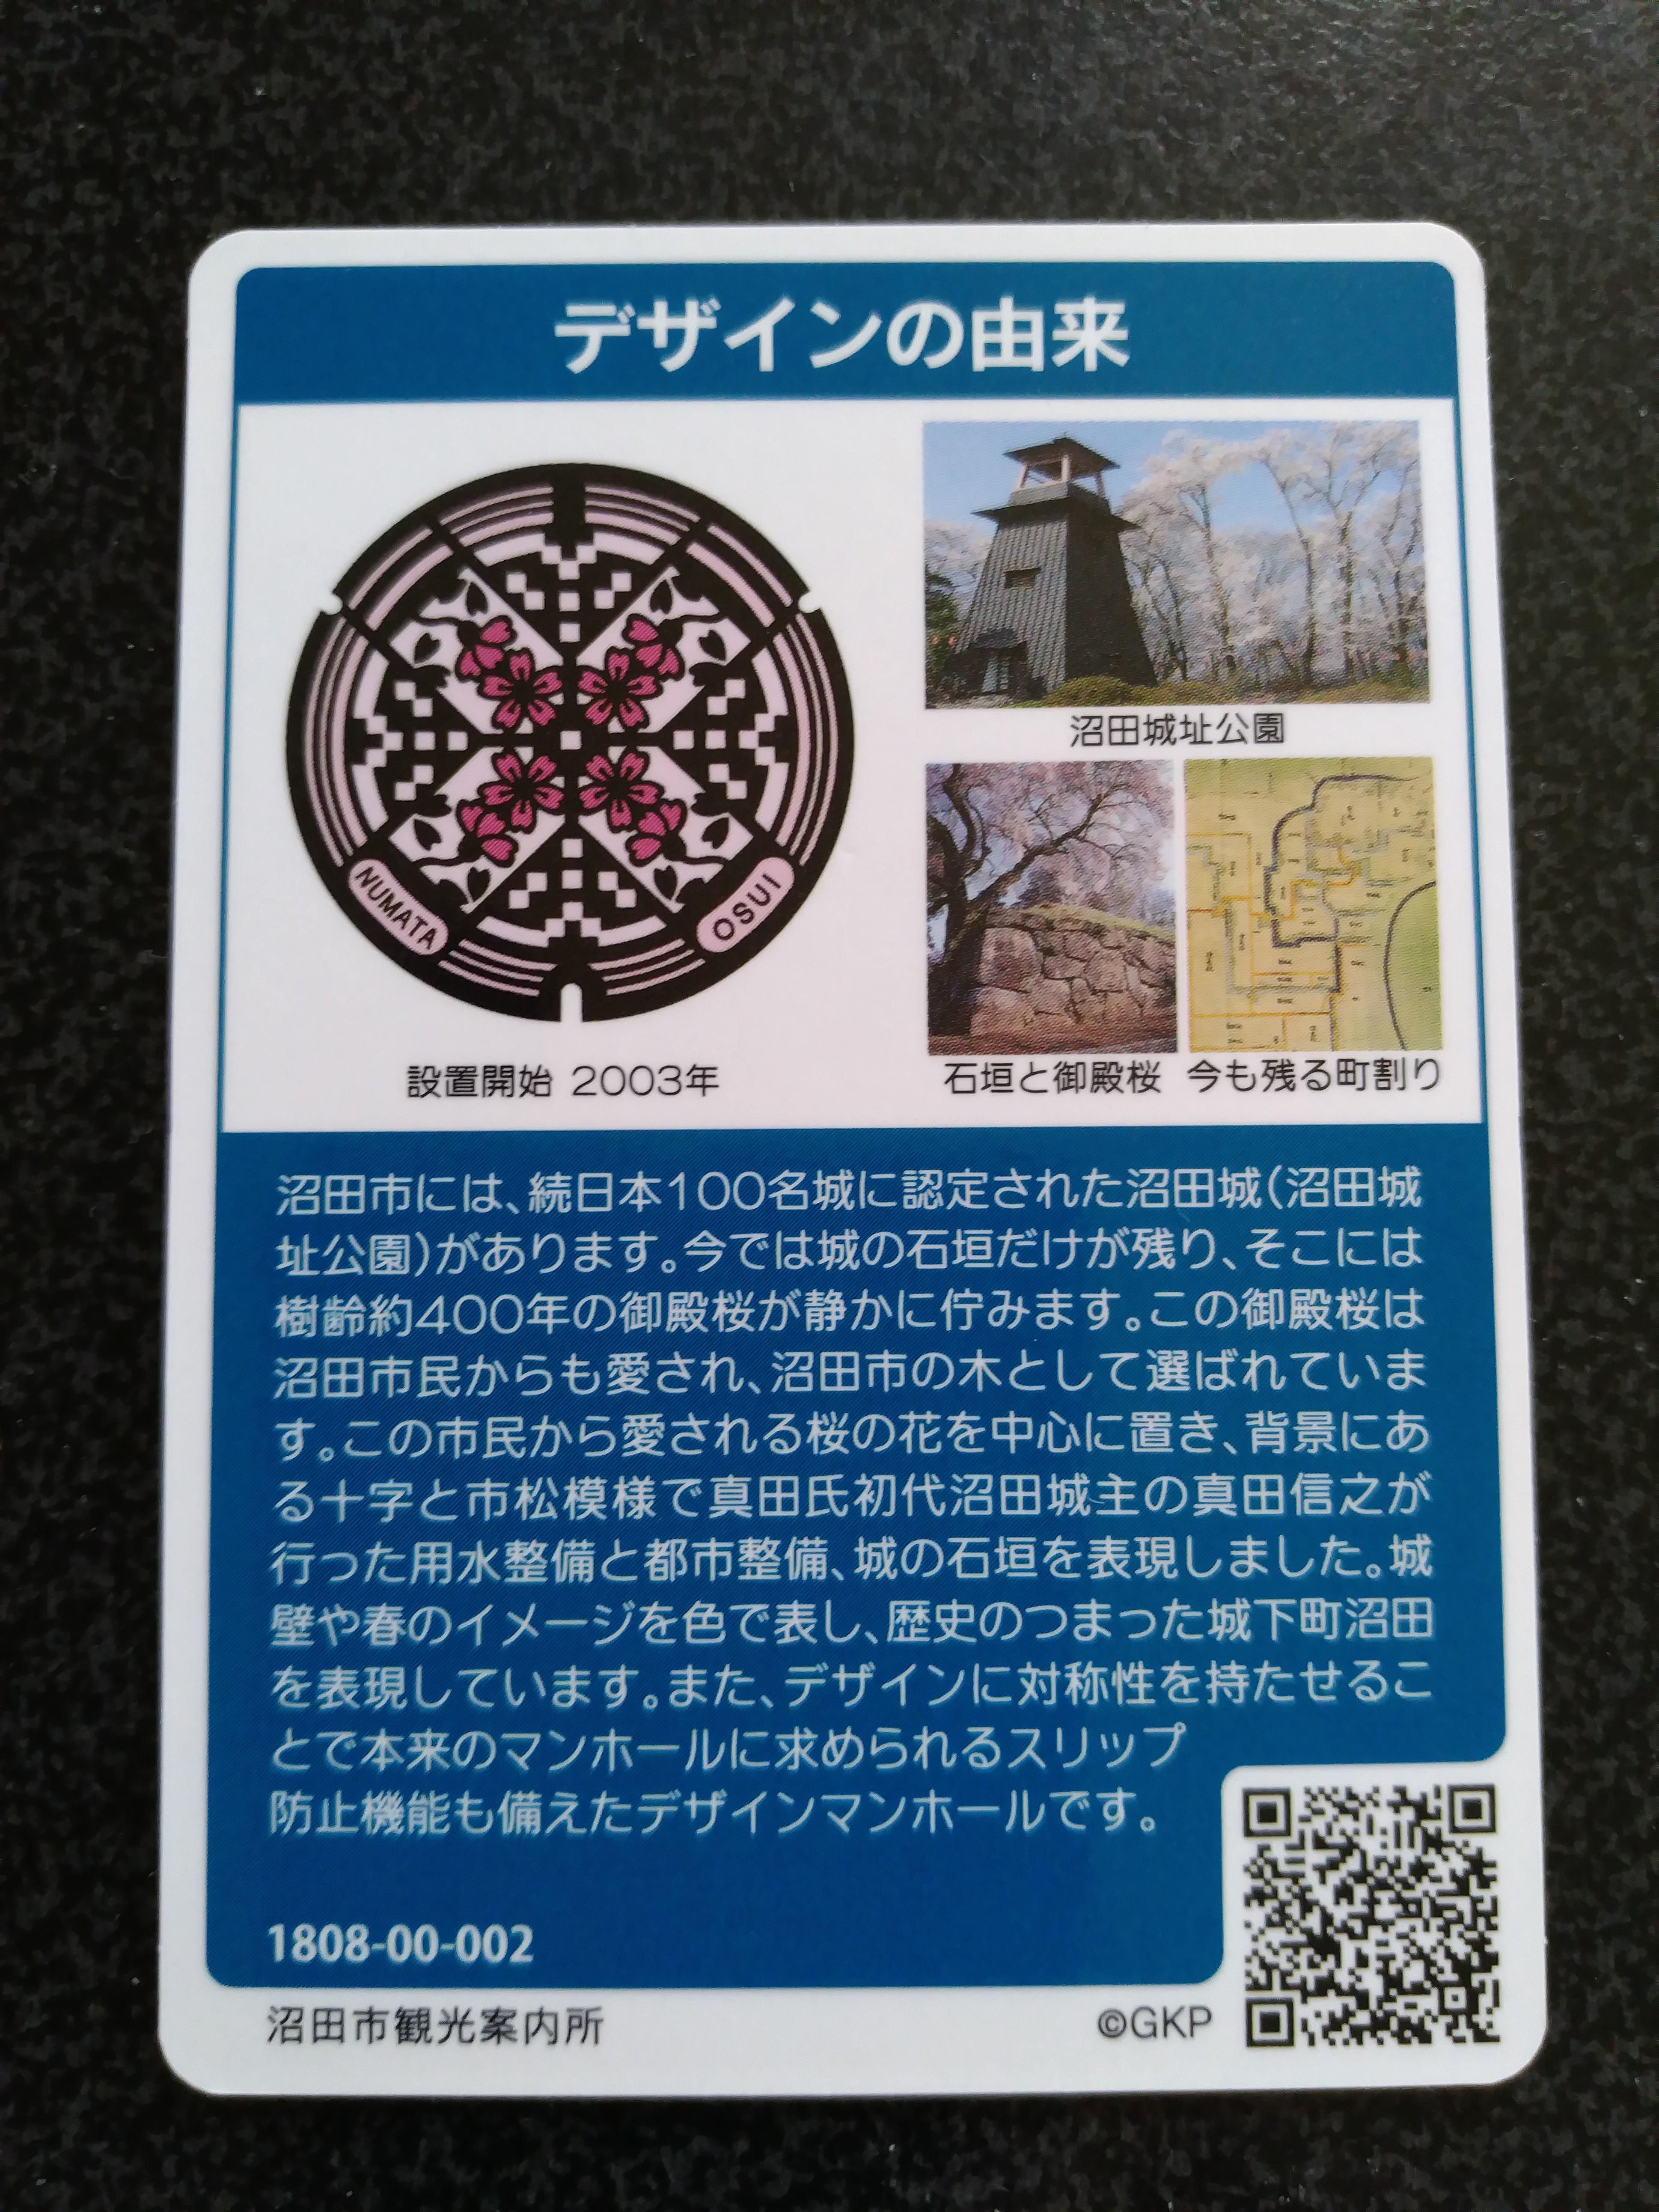 沼田市 マンホールカード裏